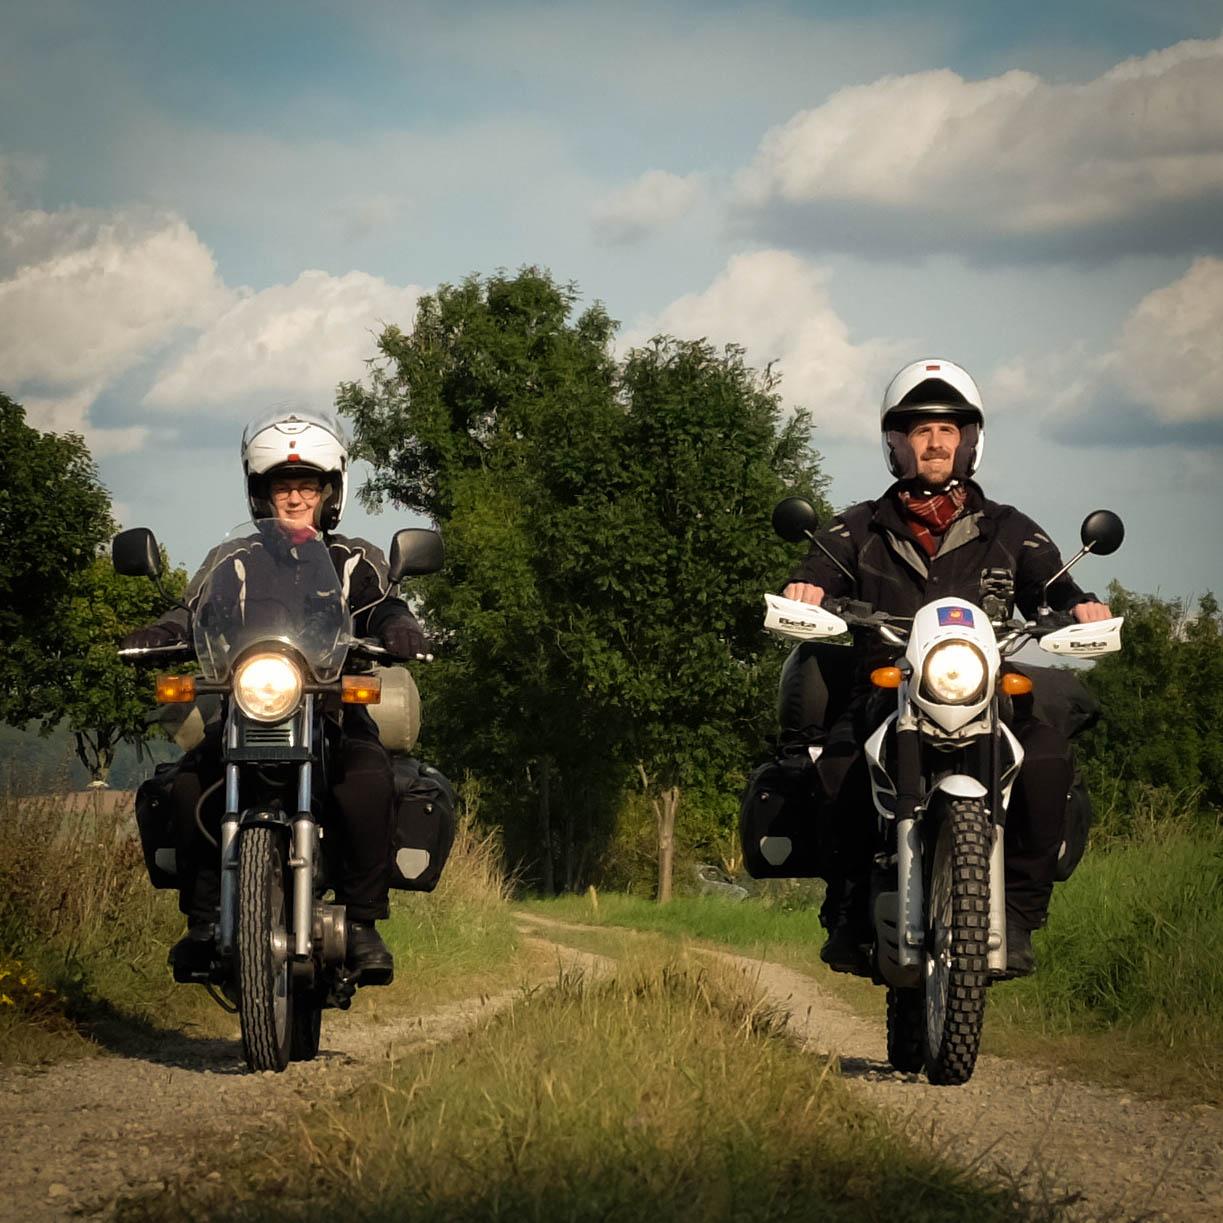 Pegasoreise Mopeds-0031